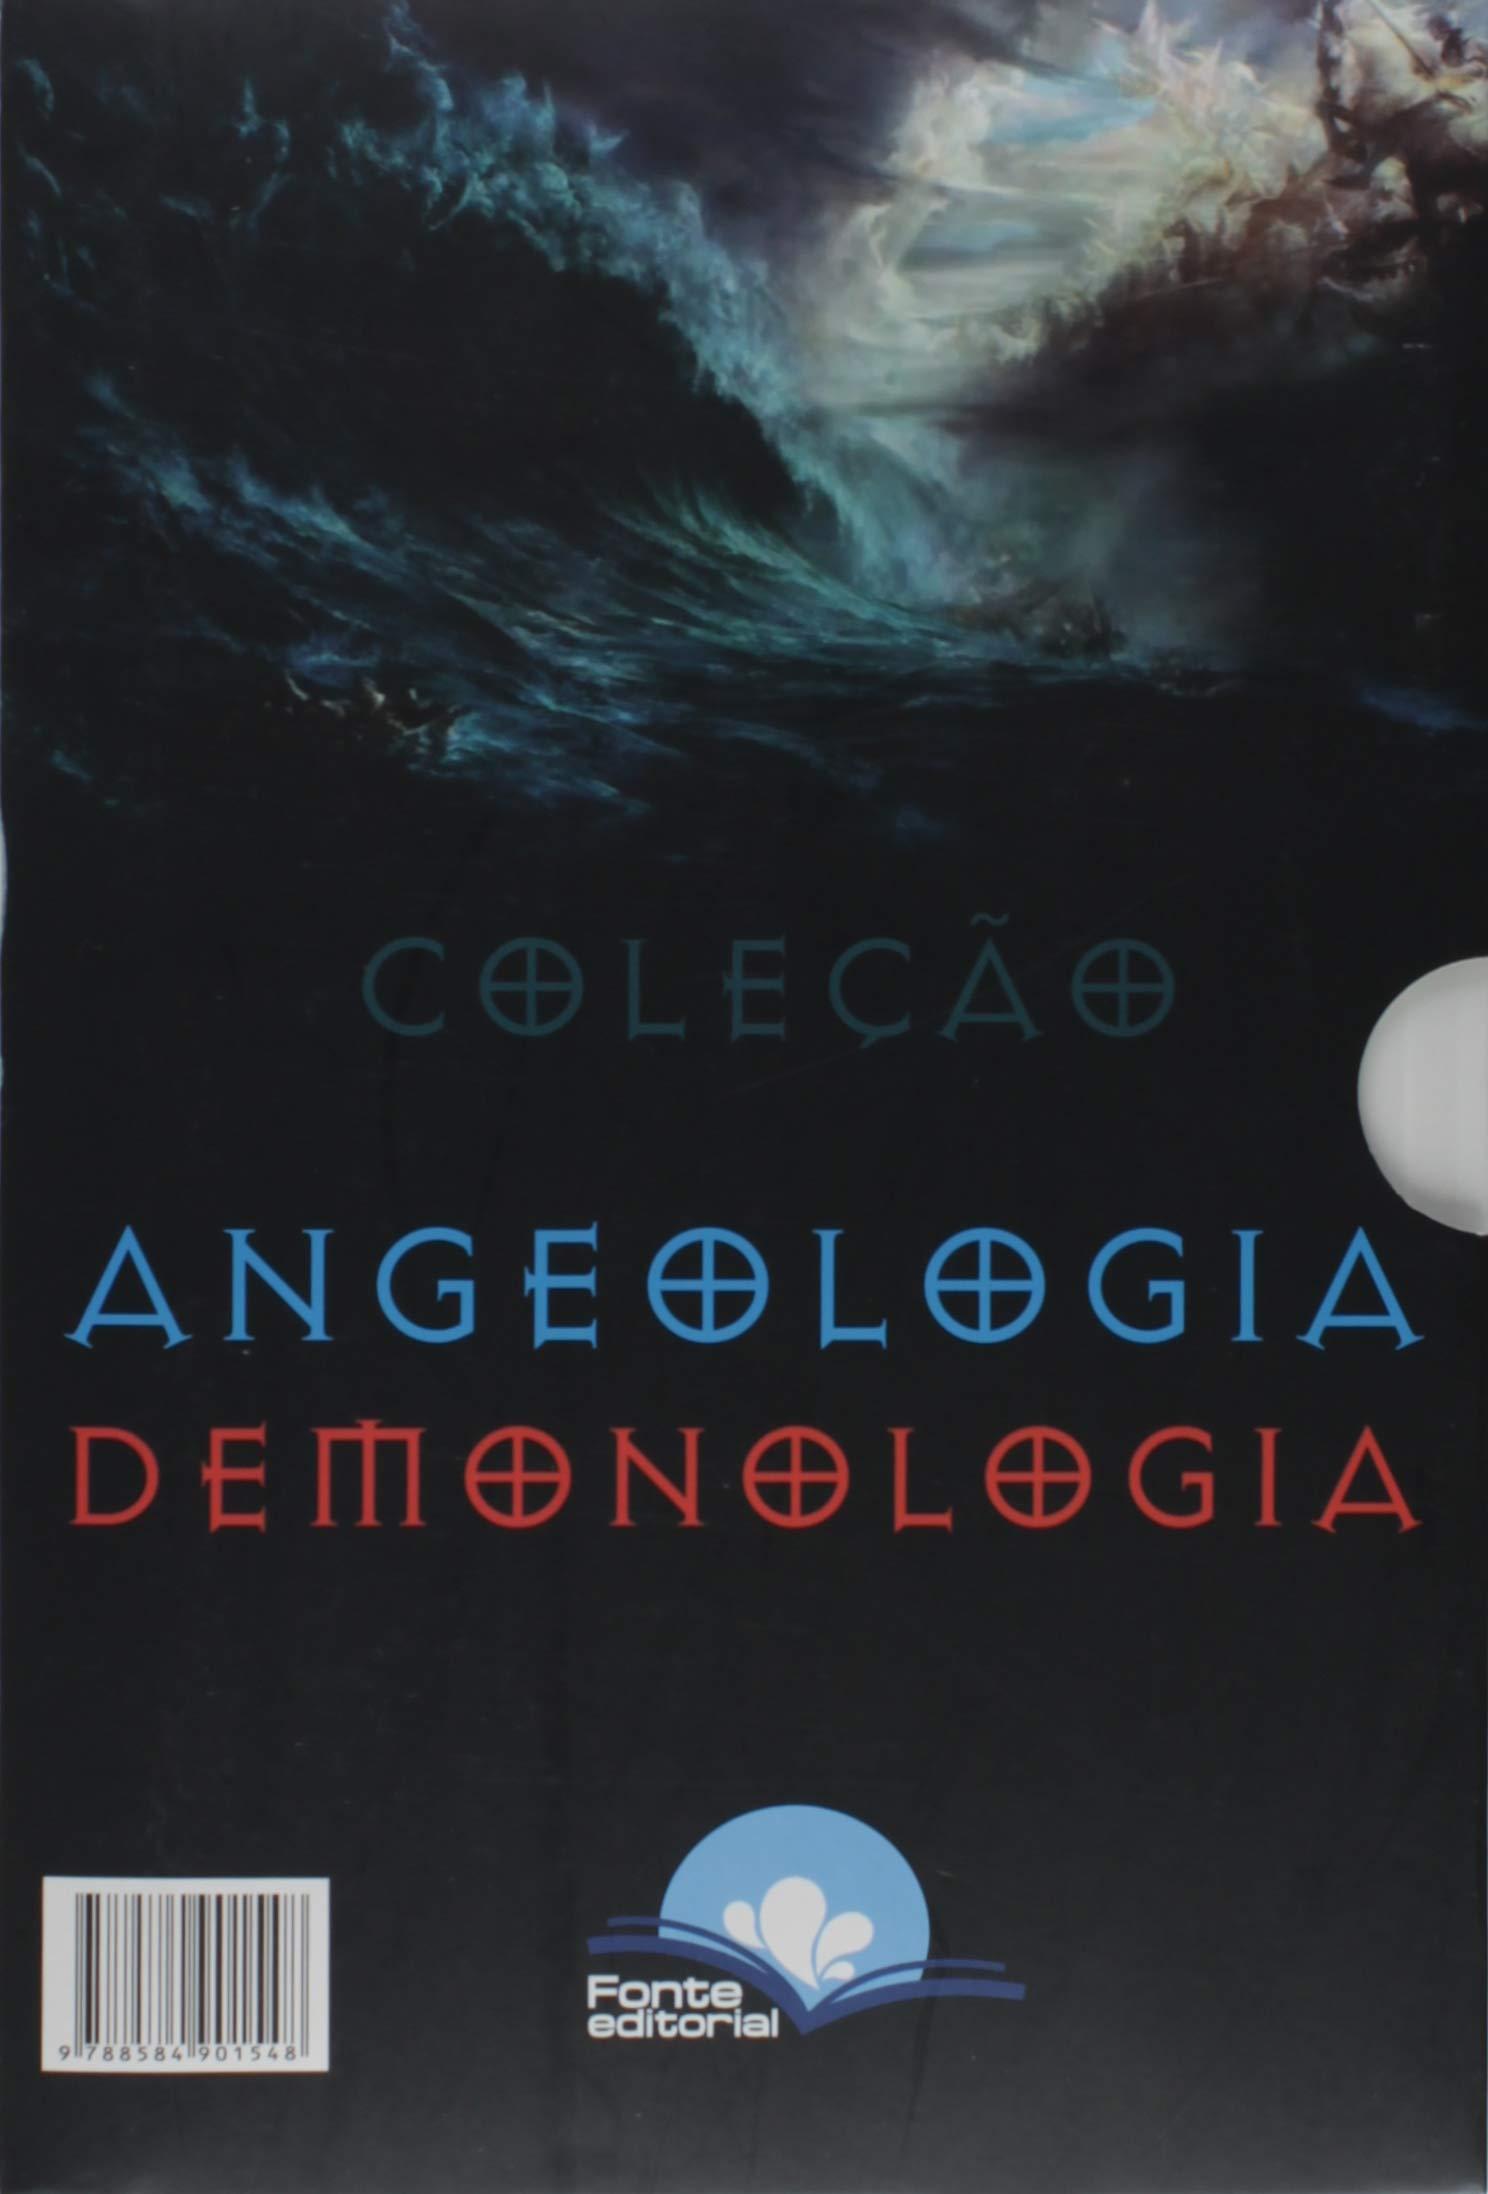 Angeologia Demonologia - Caixa com 2 Volumes: Amazon.es: Marcelo Carlos: Libros